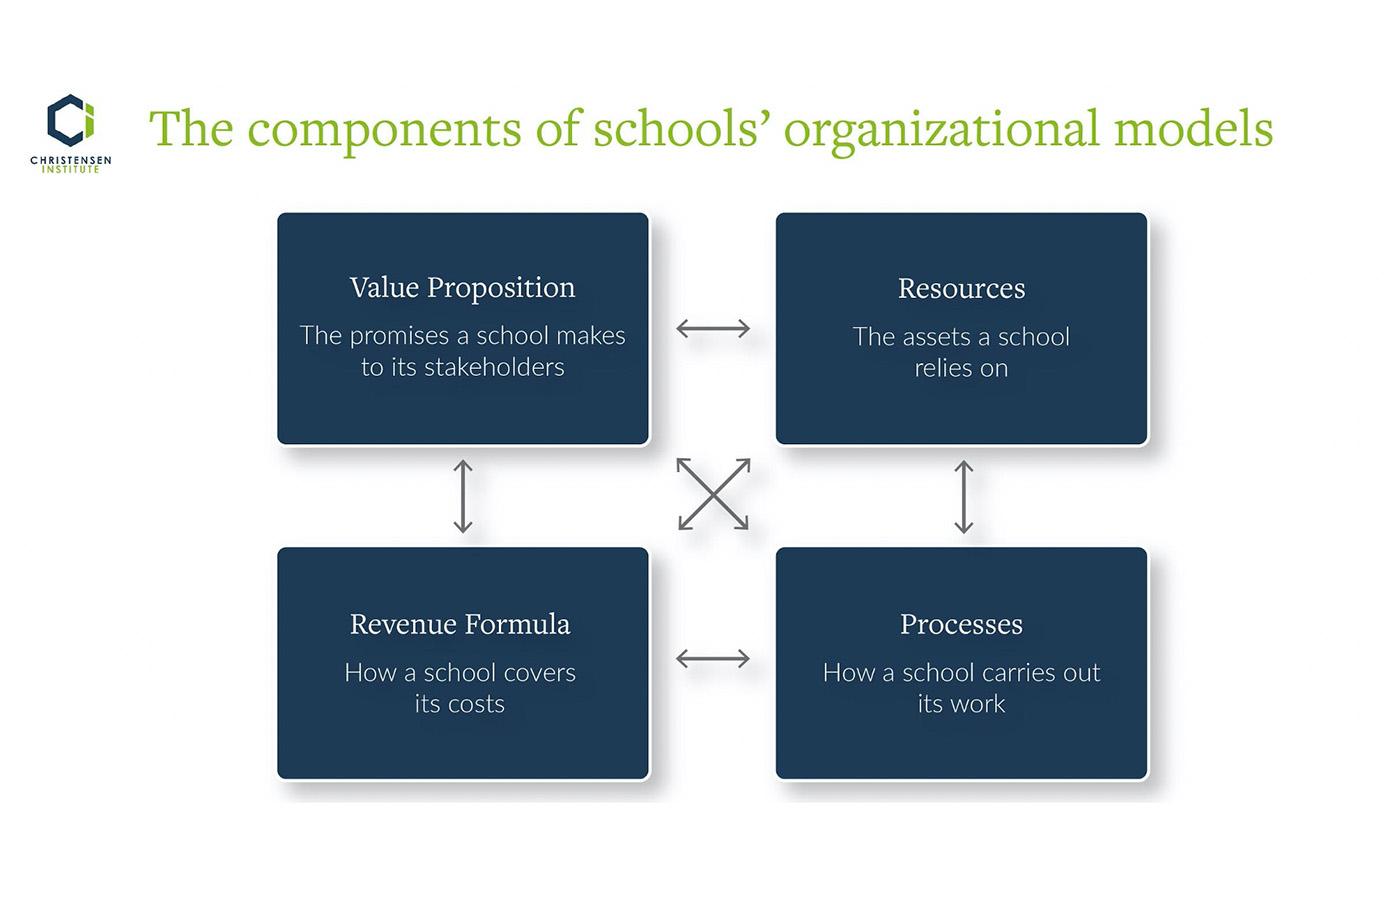 components of schools' organizational models